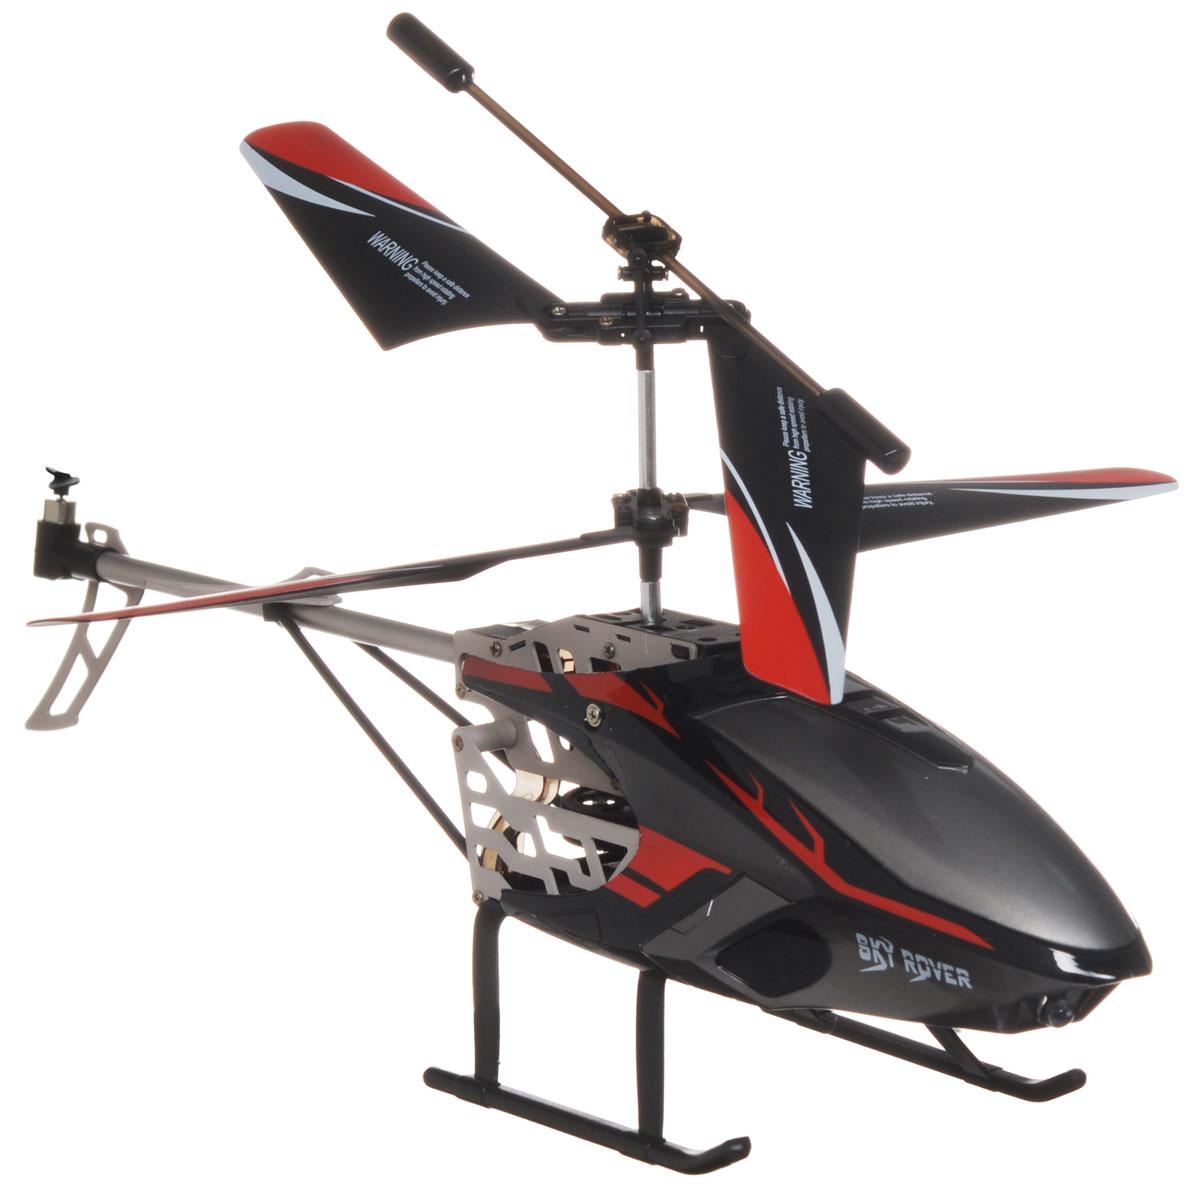 Auldey Вертолет на радиоуправлении Swift 3.0 цвет черный красныйYW857126Вертолет на радиоуправлении Auldey Swift 3.0 - игрушка, которая обязательно понравится вашему ребенку. Каркас вертолета выполнен из пластика с использованием металла, идеально подходит для игры как внутри помещения, так и на улице. Он может летать вперед и назад, поворачивать вправо и влево, останавливаться и вращаться, подниматься и опускаться. Вертолет оснащен трехканальным управлением, имеет встроенный гироскоп, благодаря ему модель обладает высокой стабильностью полета. Это позволит полностью контролировать процесс полета, управлять без суеты и страха сломать игрушку. Каждый запуск вертолета Auldey Swift 3.0 принесет яркие впечатления вам и вашему ребенку! Оригинальный дизайн, мощный двигатель позволяют получить максимум позитивных эмоций от игры. Радиоуправляемые игрушки развивают у ребенка мелкую моторику, логику, координацию движений и пространственное мышление. Порадуйте своего ребенка таким замечательным подарком! Вертолет...